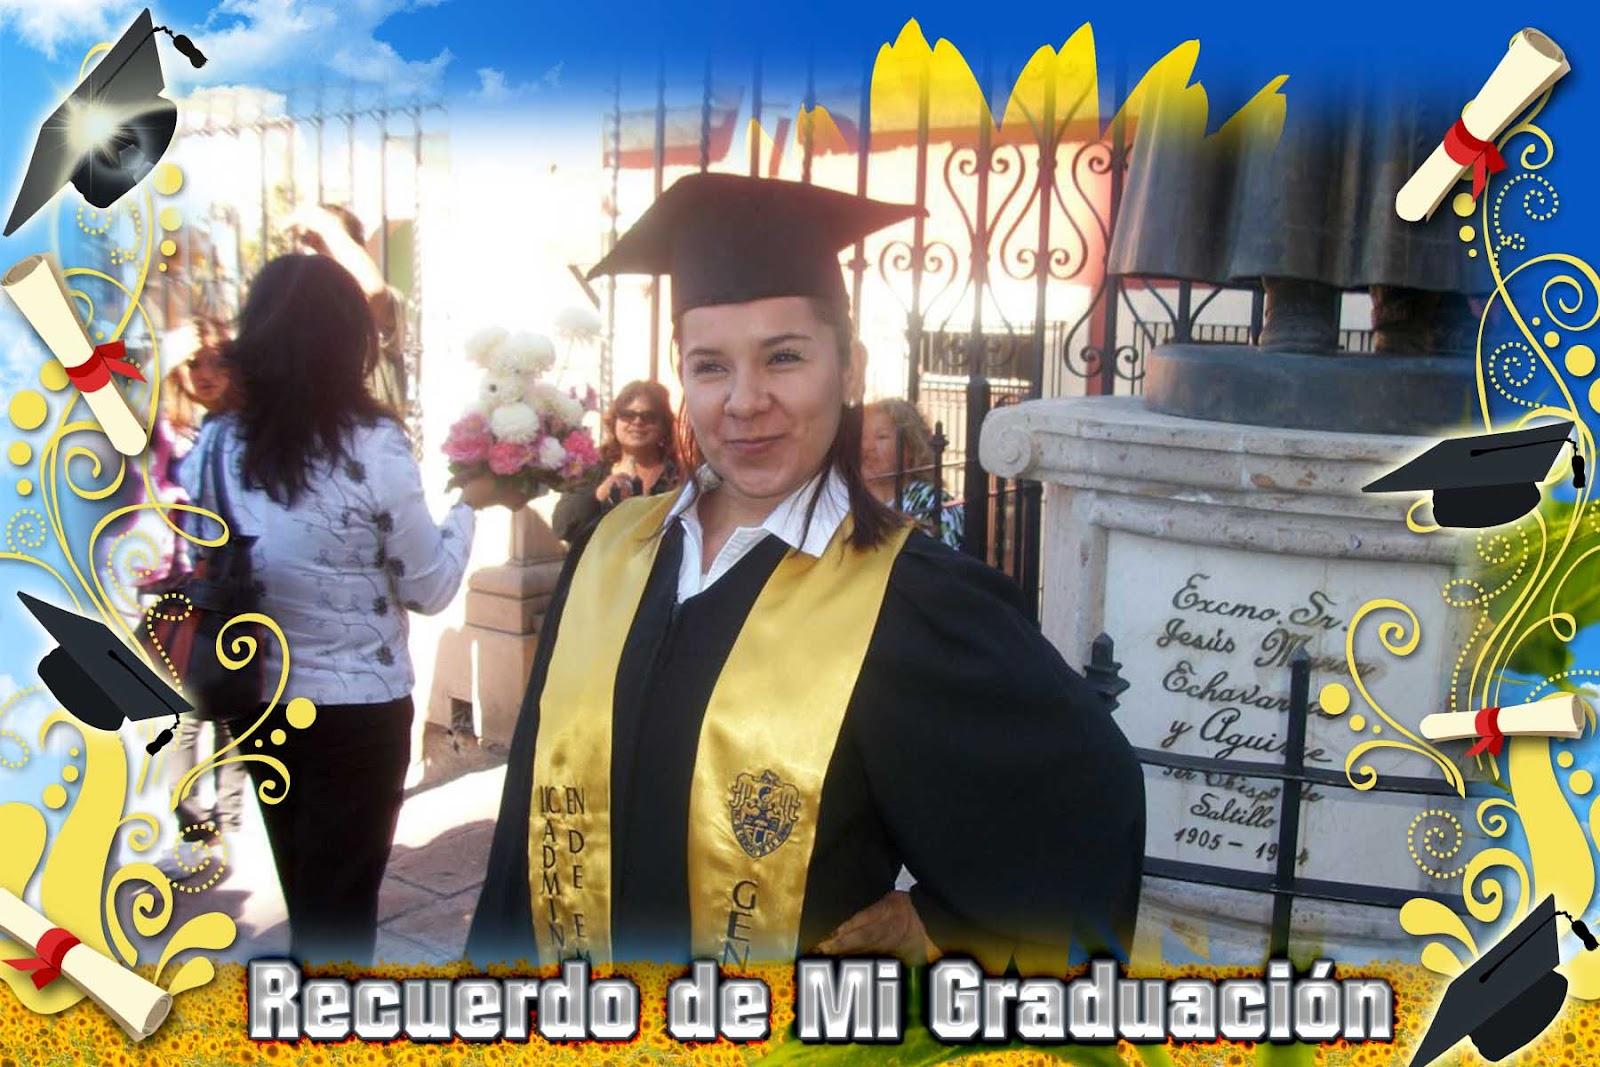 Marcos Para Fotos Gratis De Graduacion